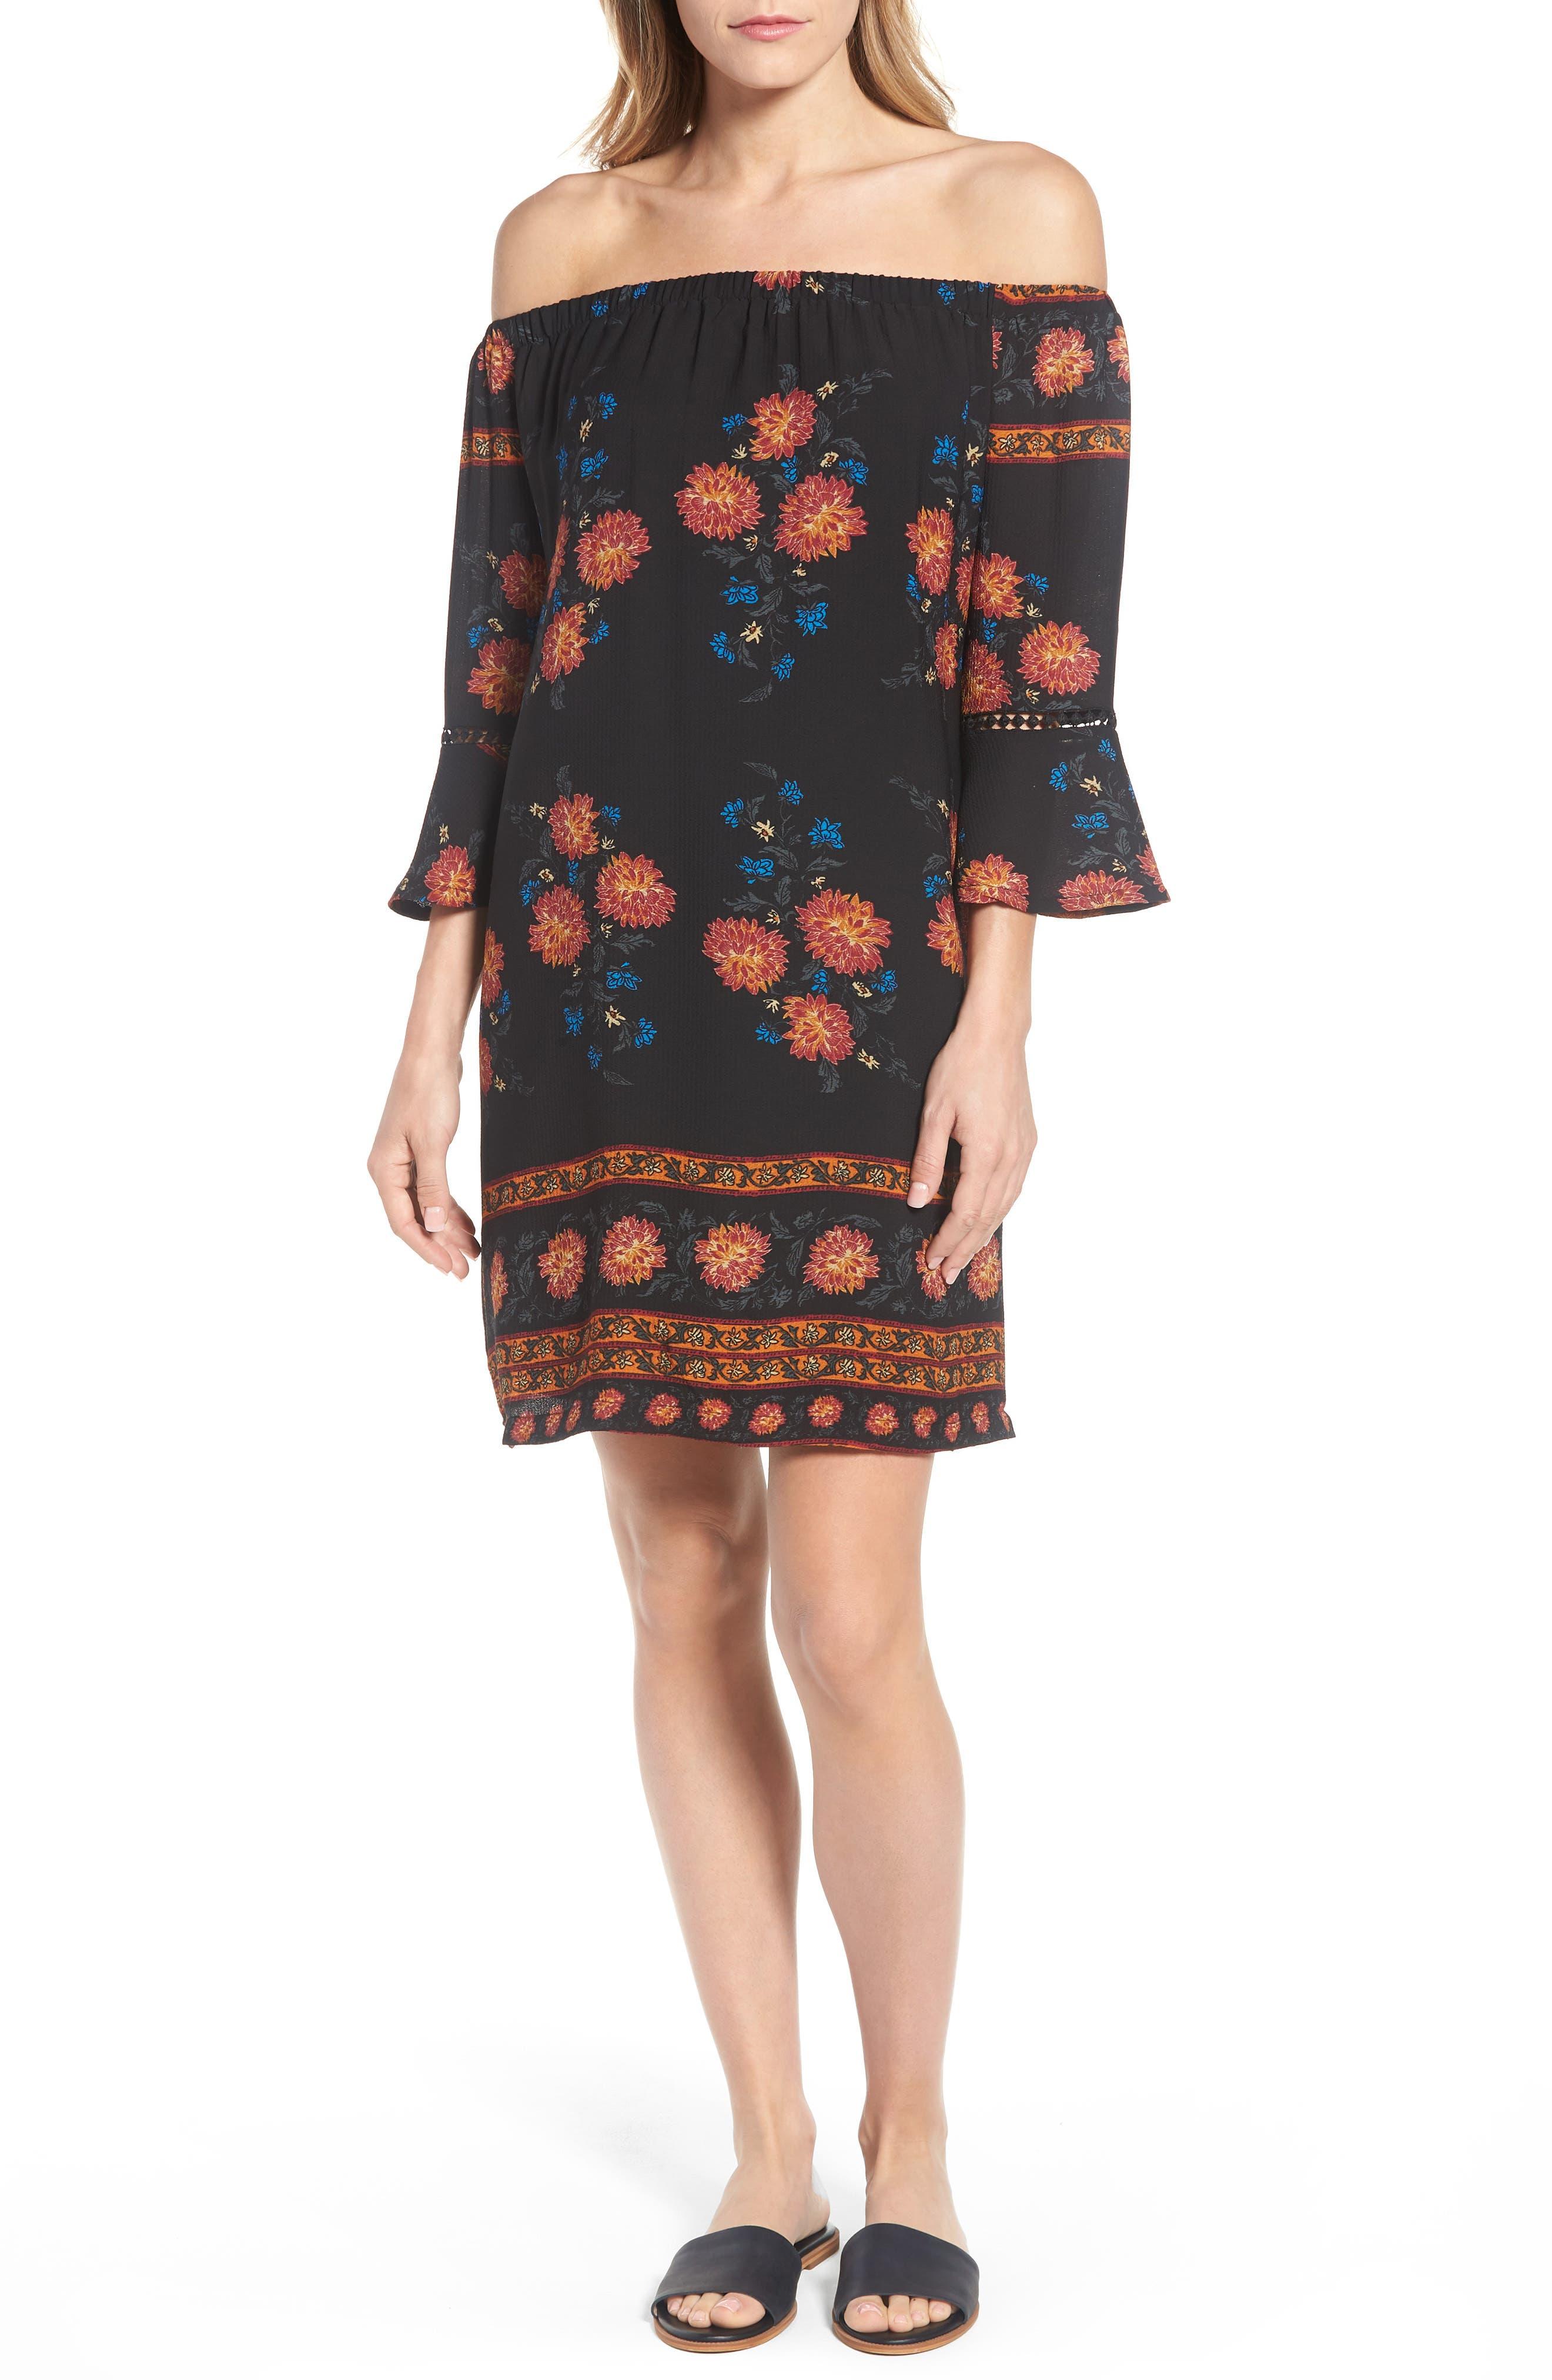 Press Off the Shoulder Bell Sleeve Floral Dress